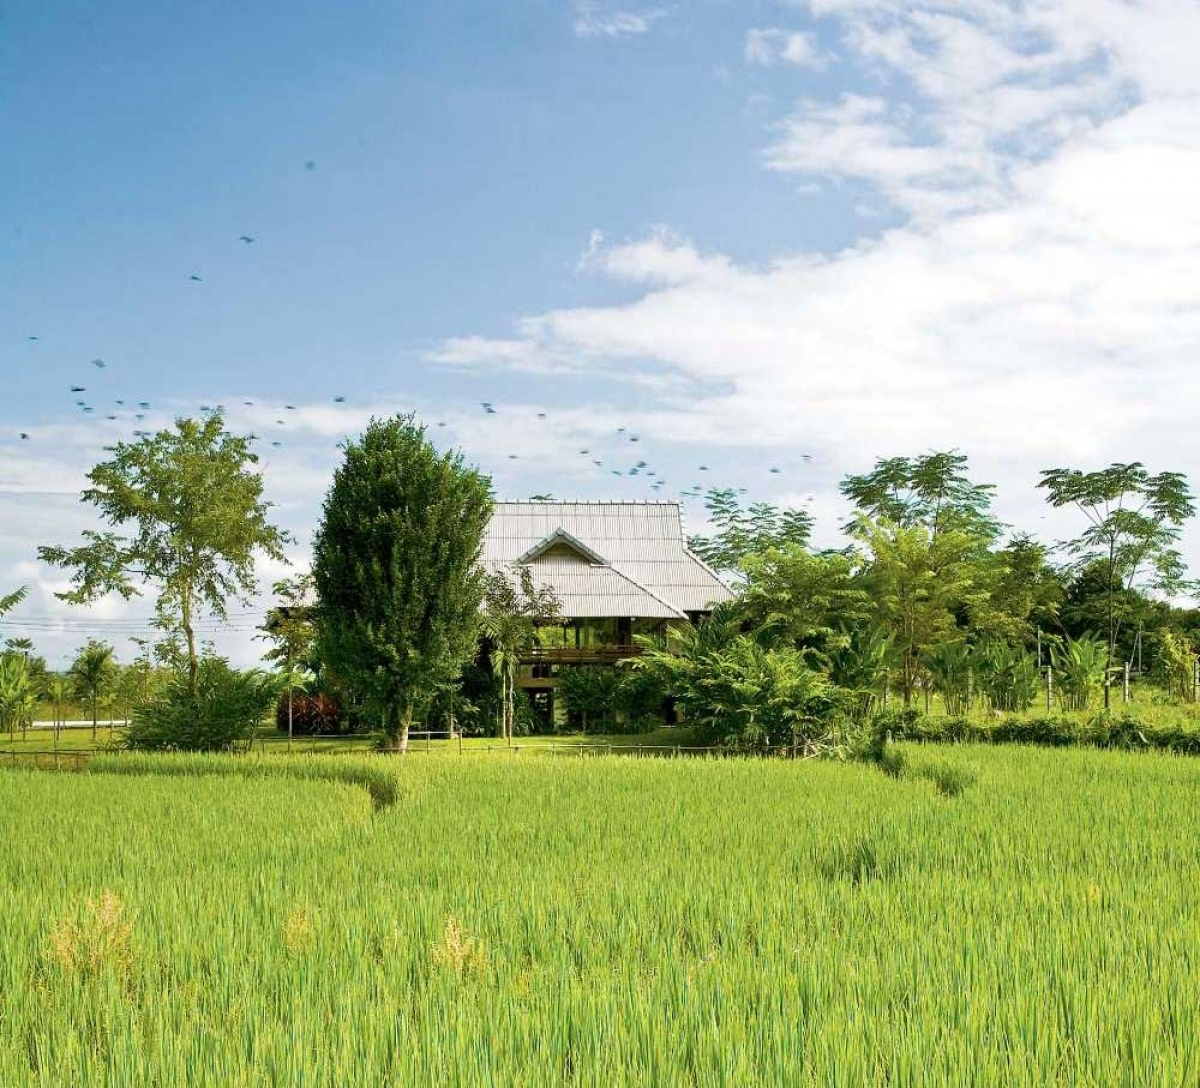 Ngôi nhà gỗ giữa đồng bát ngát, có các ngọn núi bao quanh: Chọn gỗ làm vật liệu chính giúp ngôi nhà trông hài hòa, phù hợp với bối cảnh phía sau là ngọn núi lớn, phía trước là cánh đồng lúa bao la.